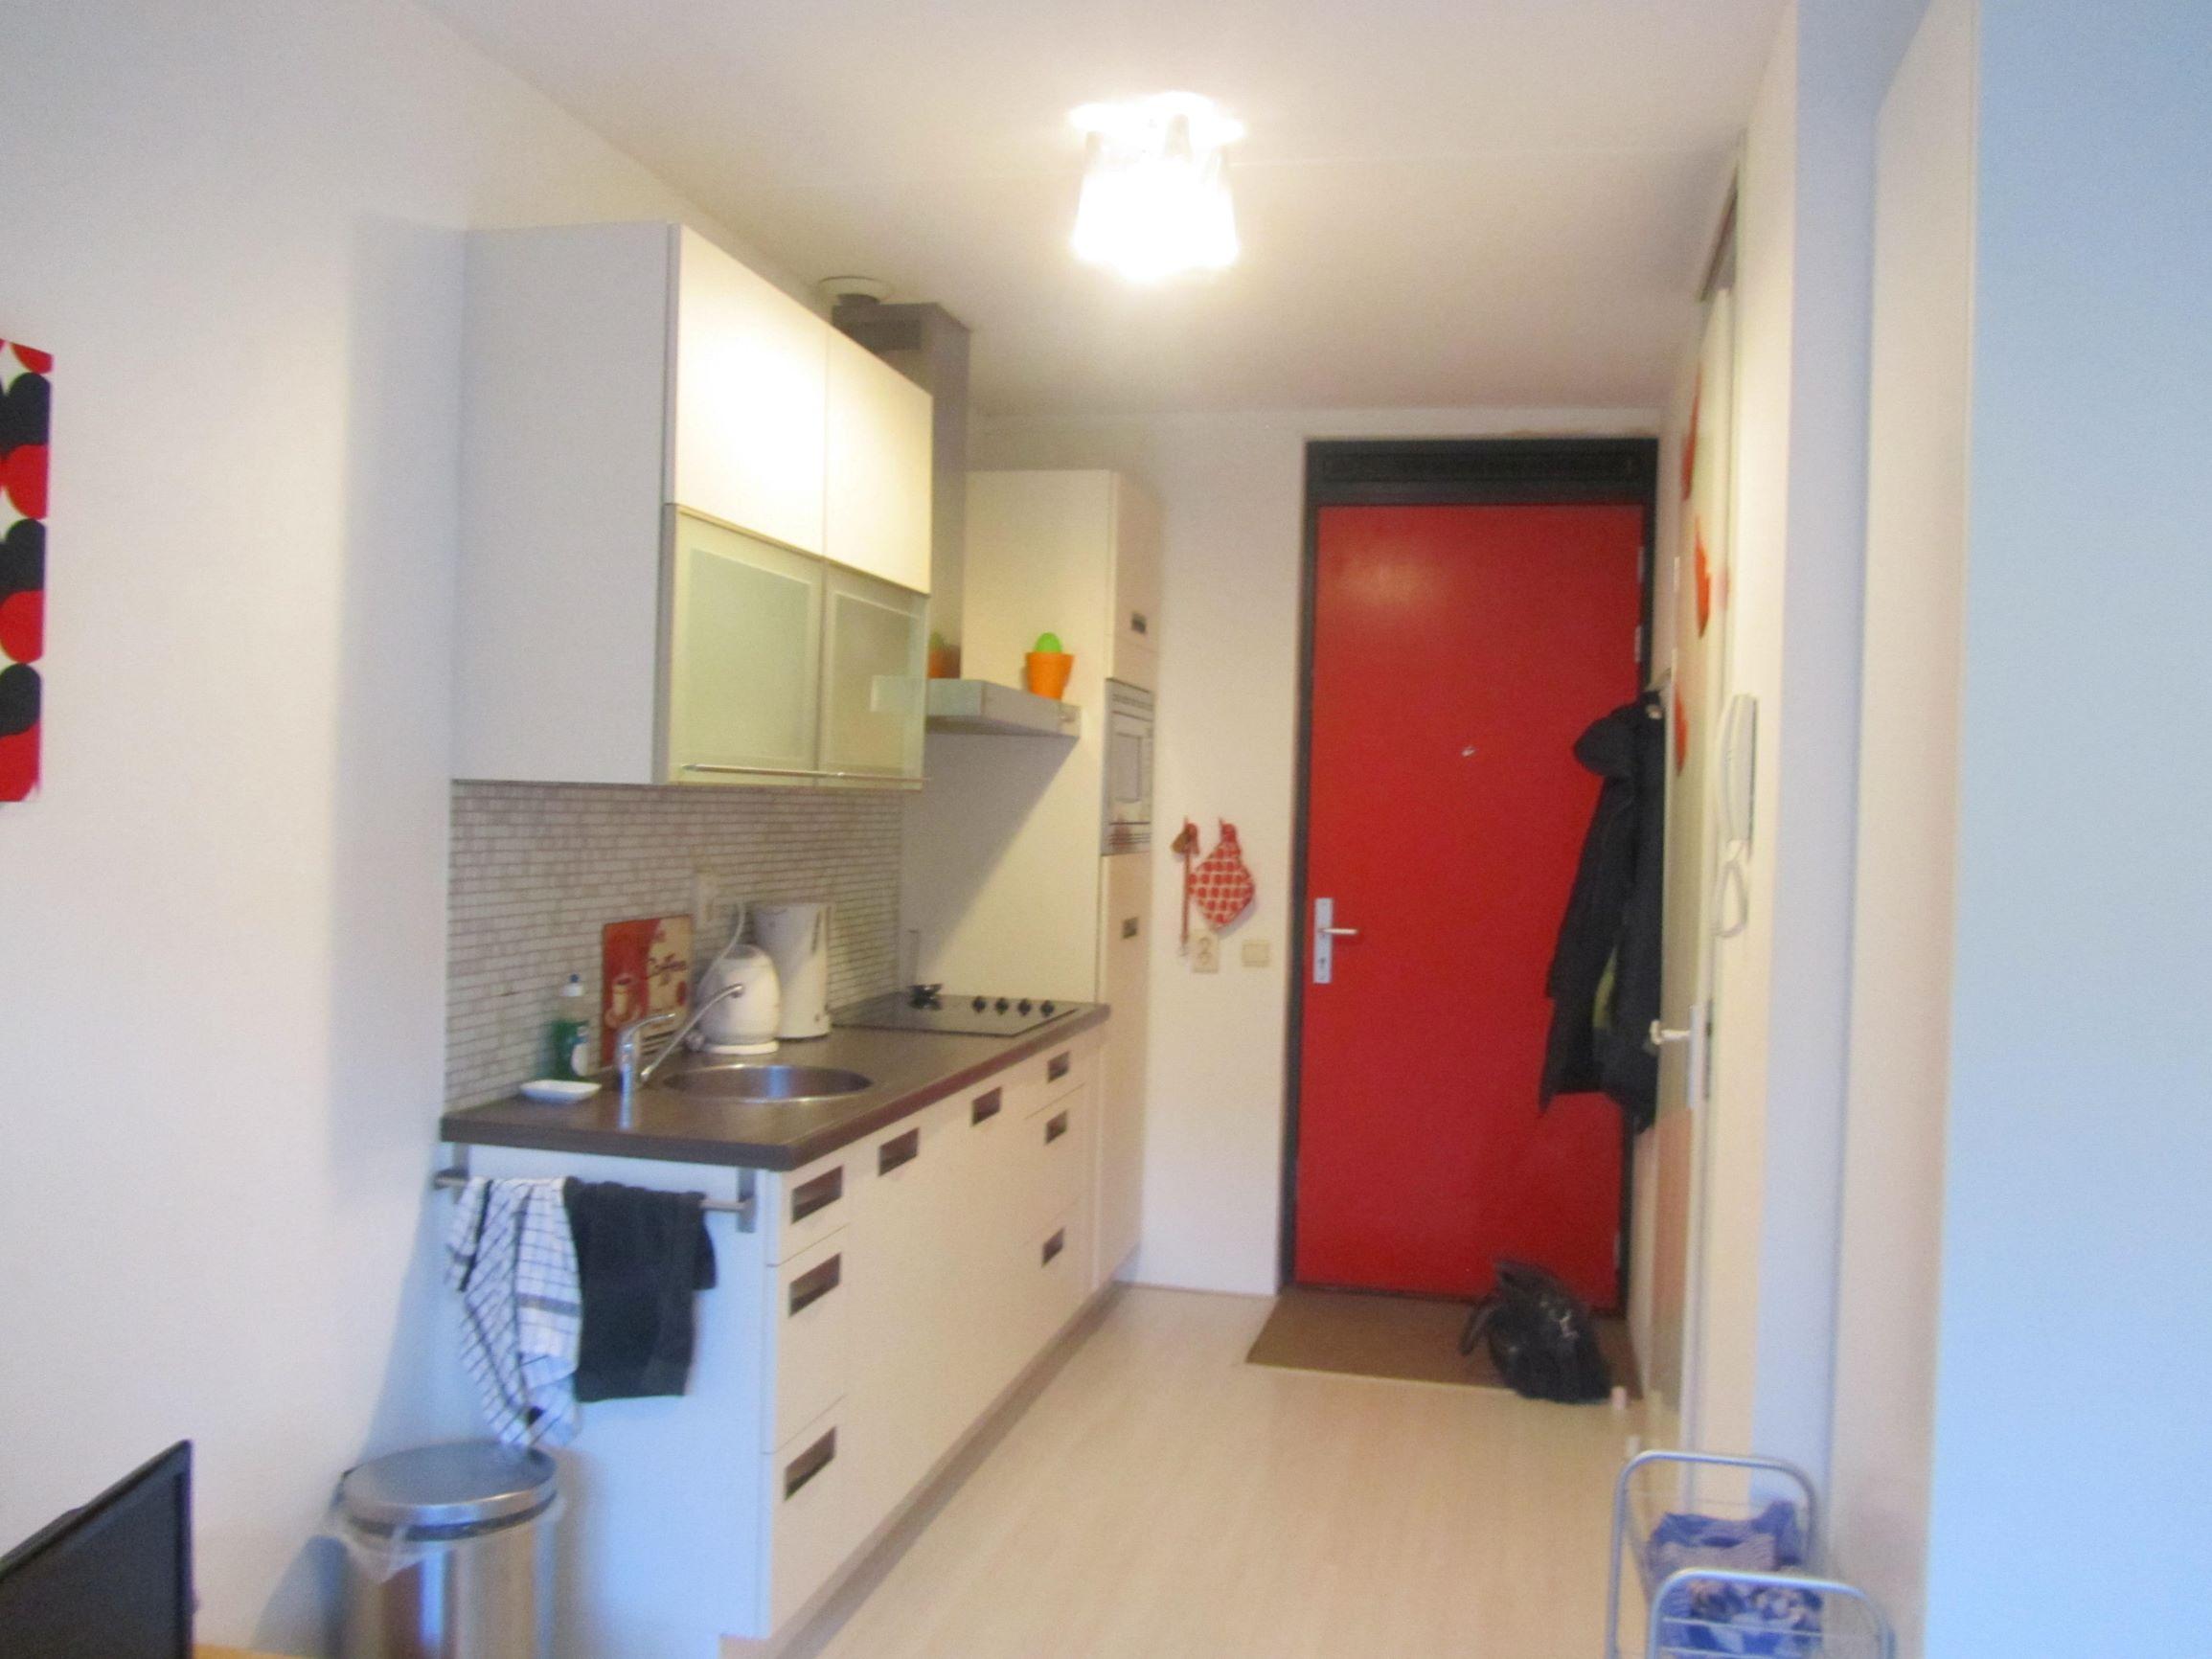 Ina boudier Bakkerlaan, Utrecht